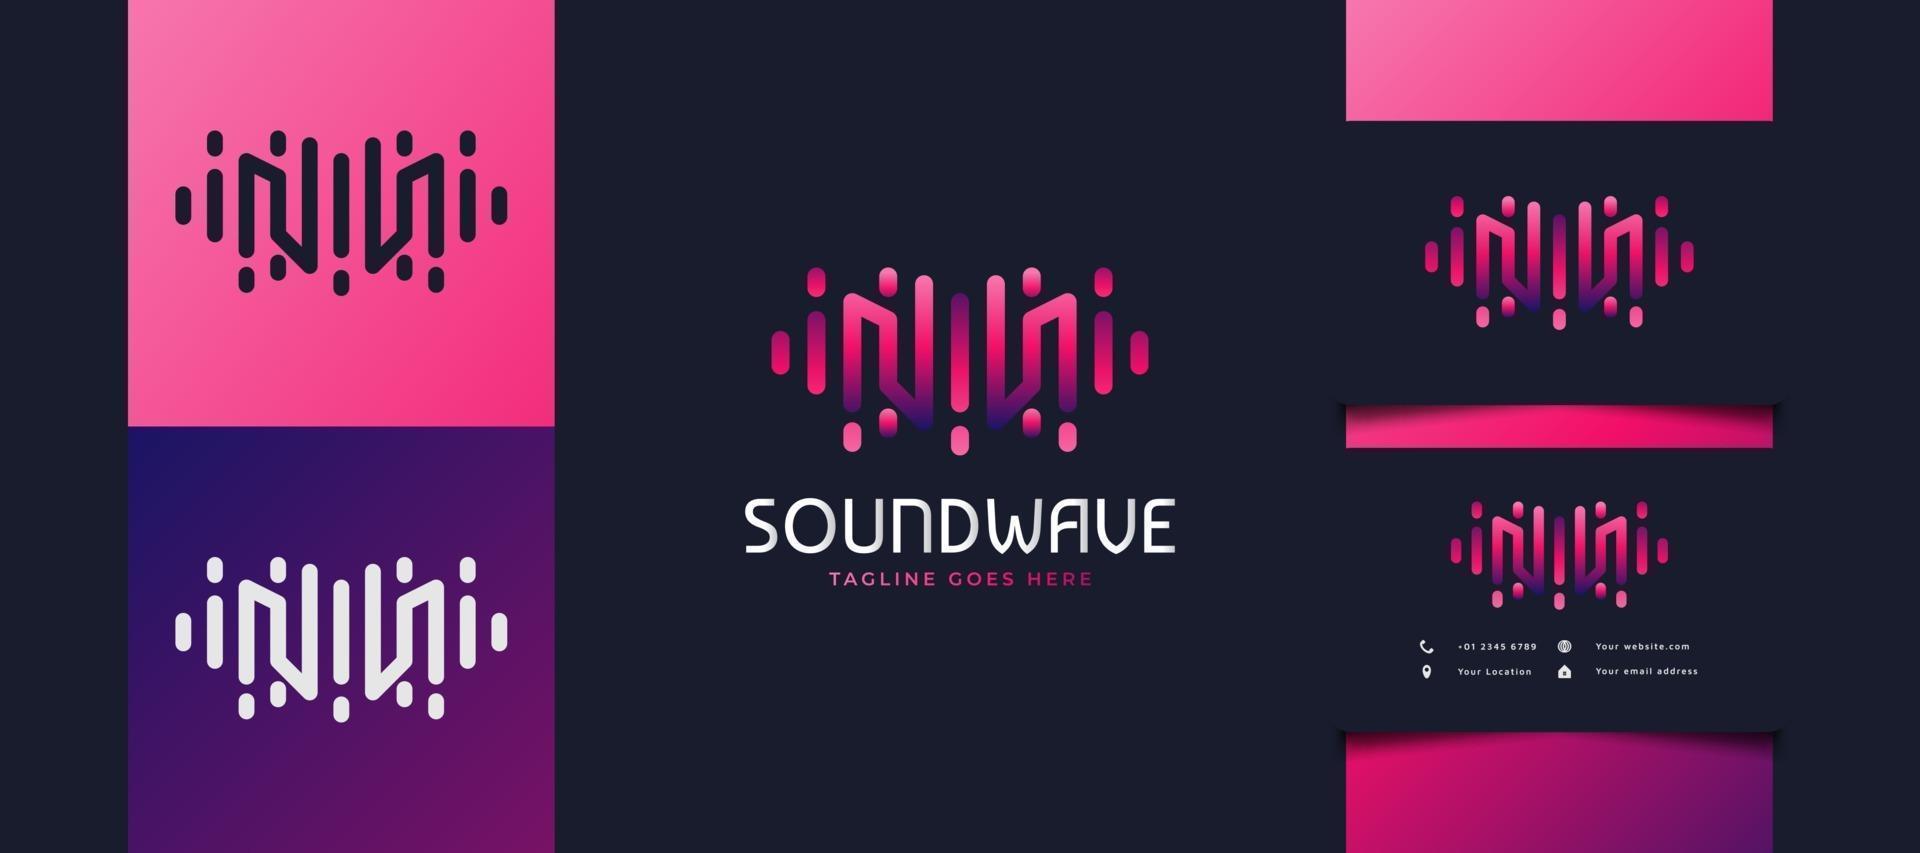 beginletter m-logo met geluidsgolfconcept in kleurrijk verloop, bruikbaar voor bedrijfs-, technologie- of muziekstudio-logo's vector